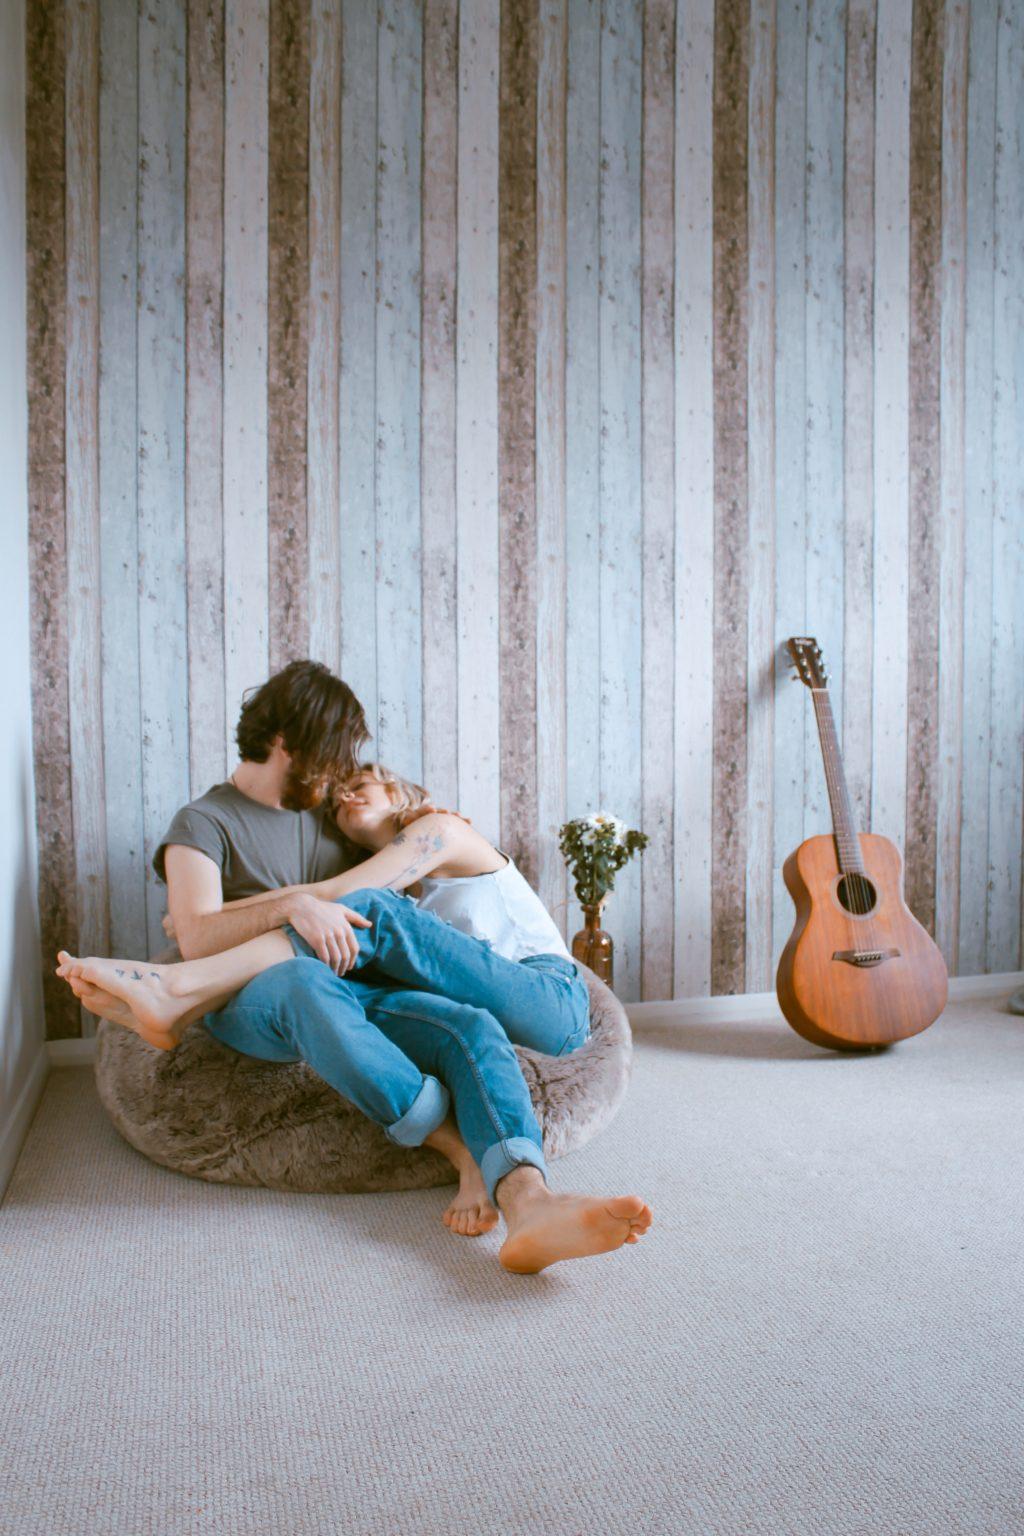 Tipps für Liebe machen ohne Sex